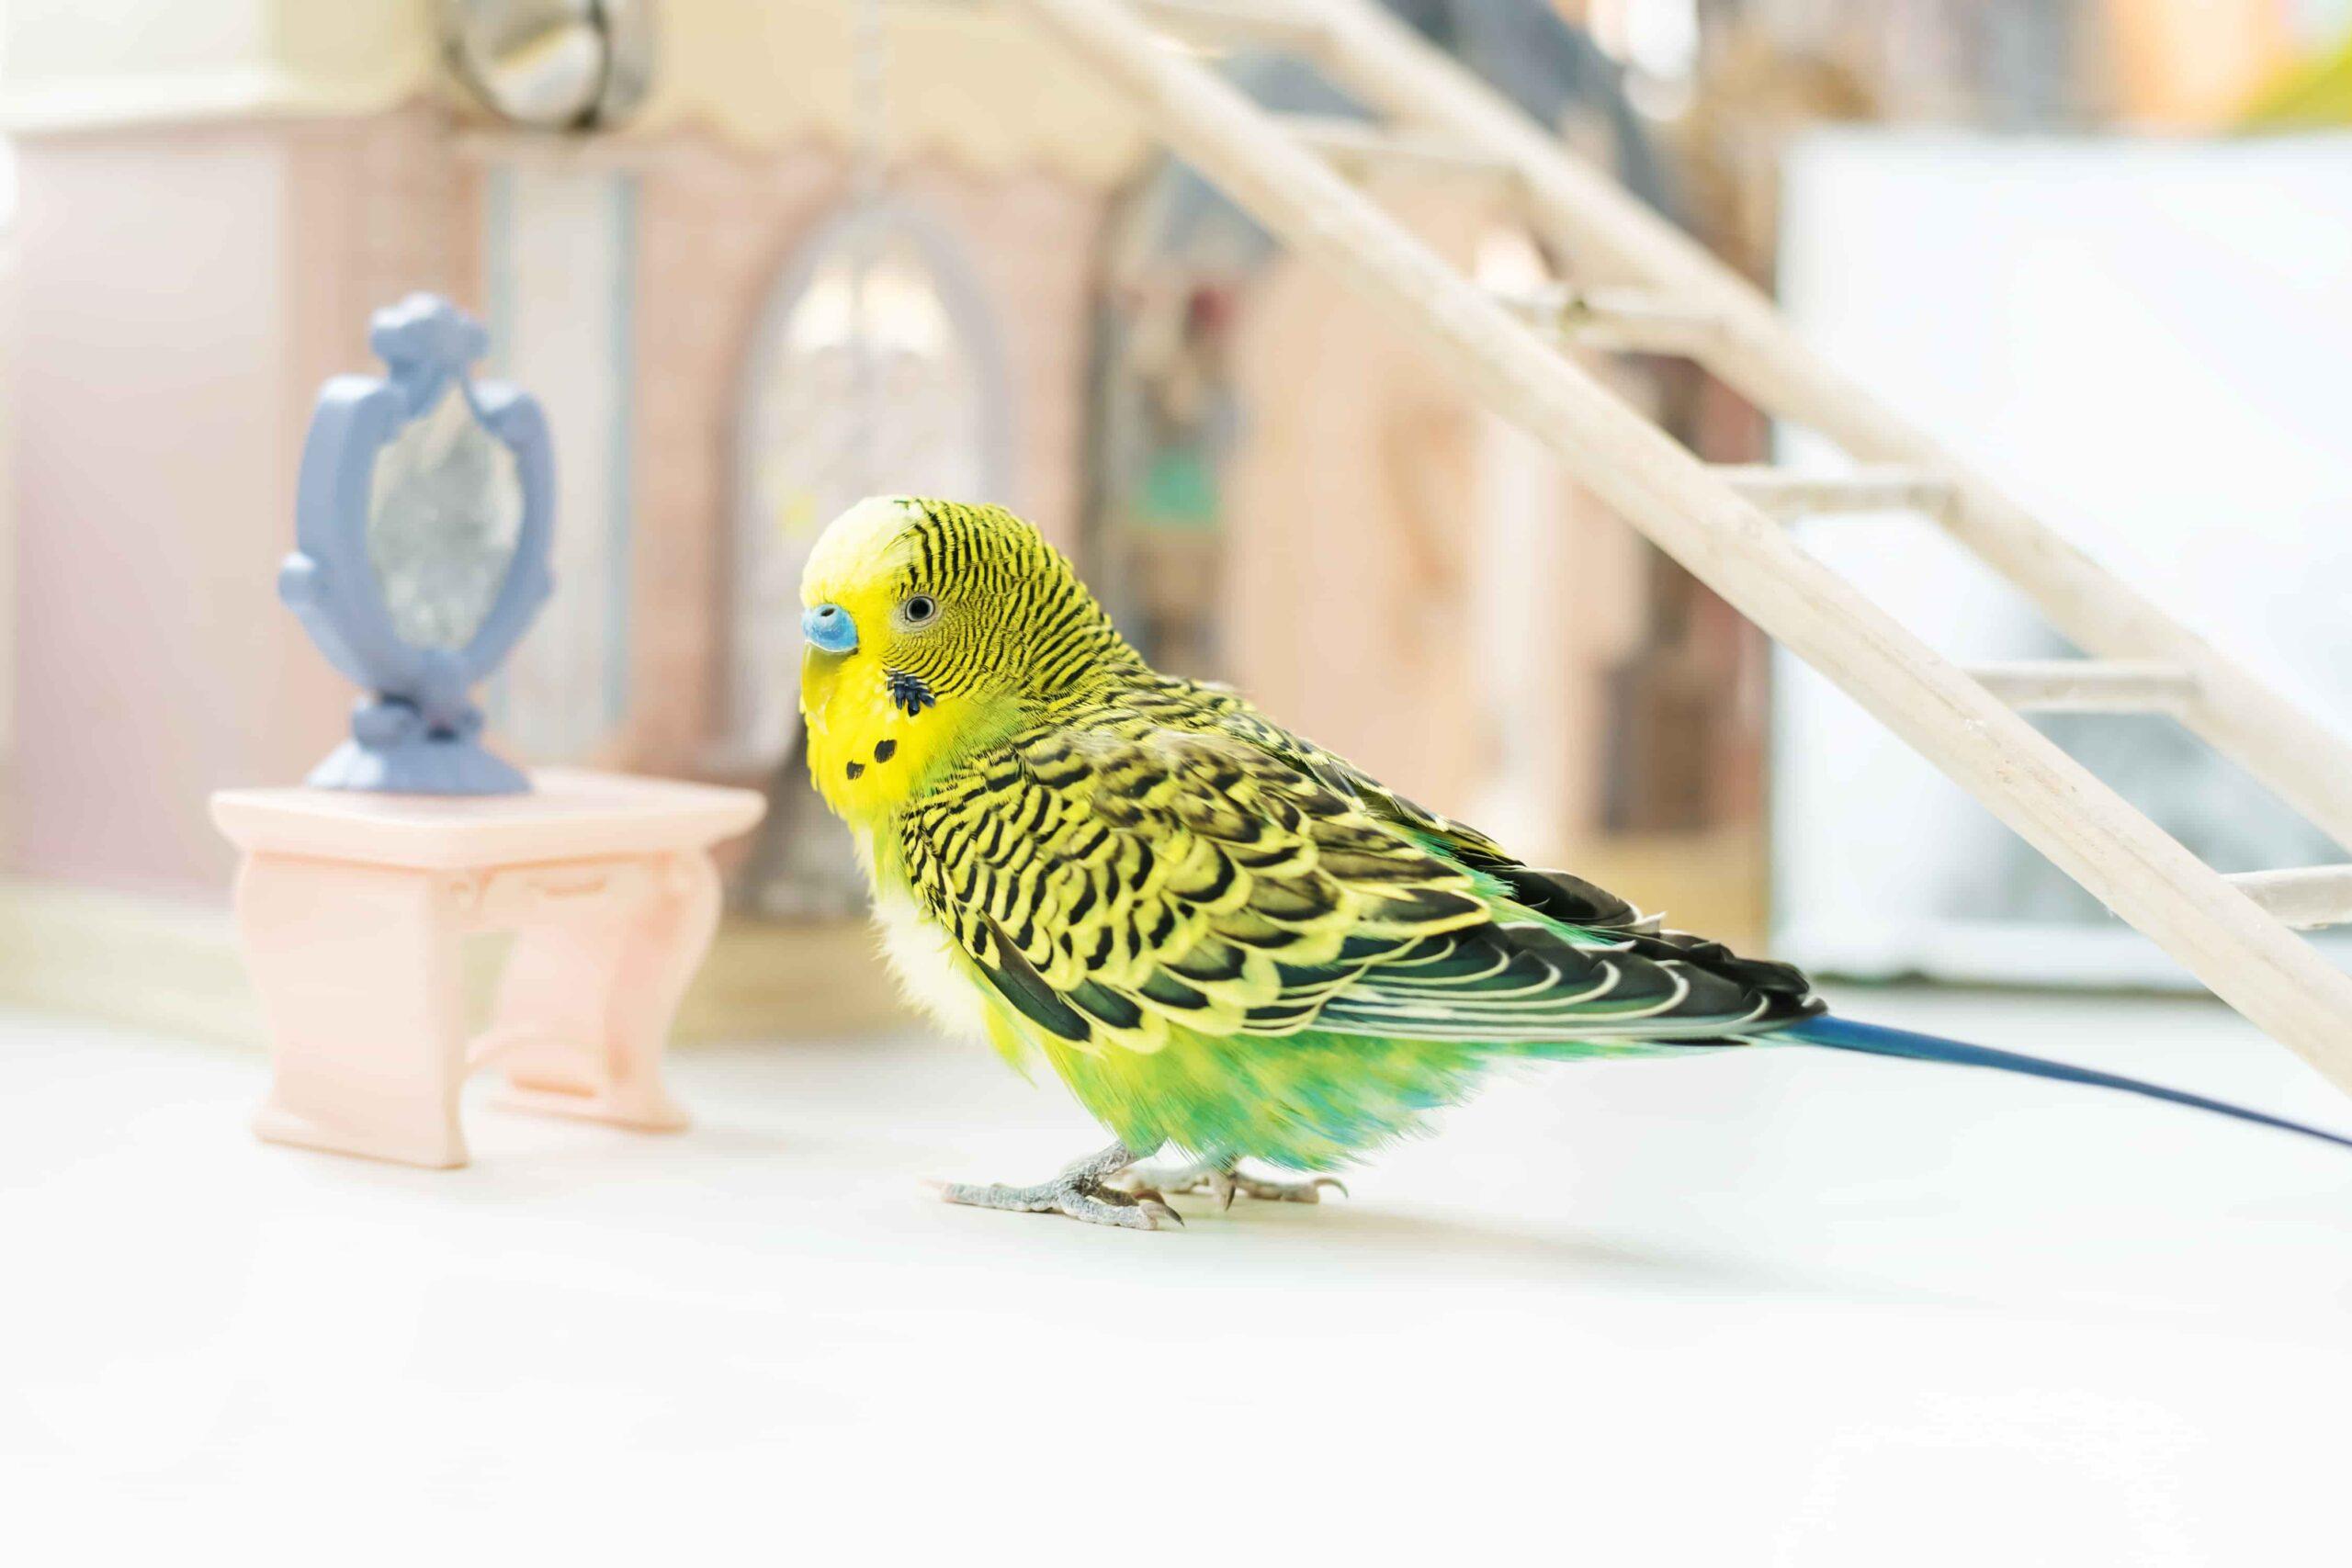 Muhabbet Kuşlarında Yumurtlama Belirtileri – Kuluçka ve Yumurtlama Süreci